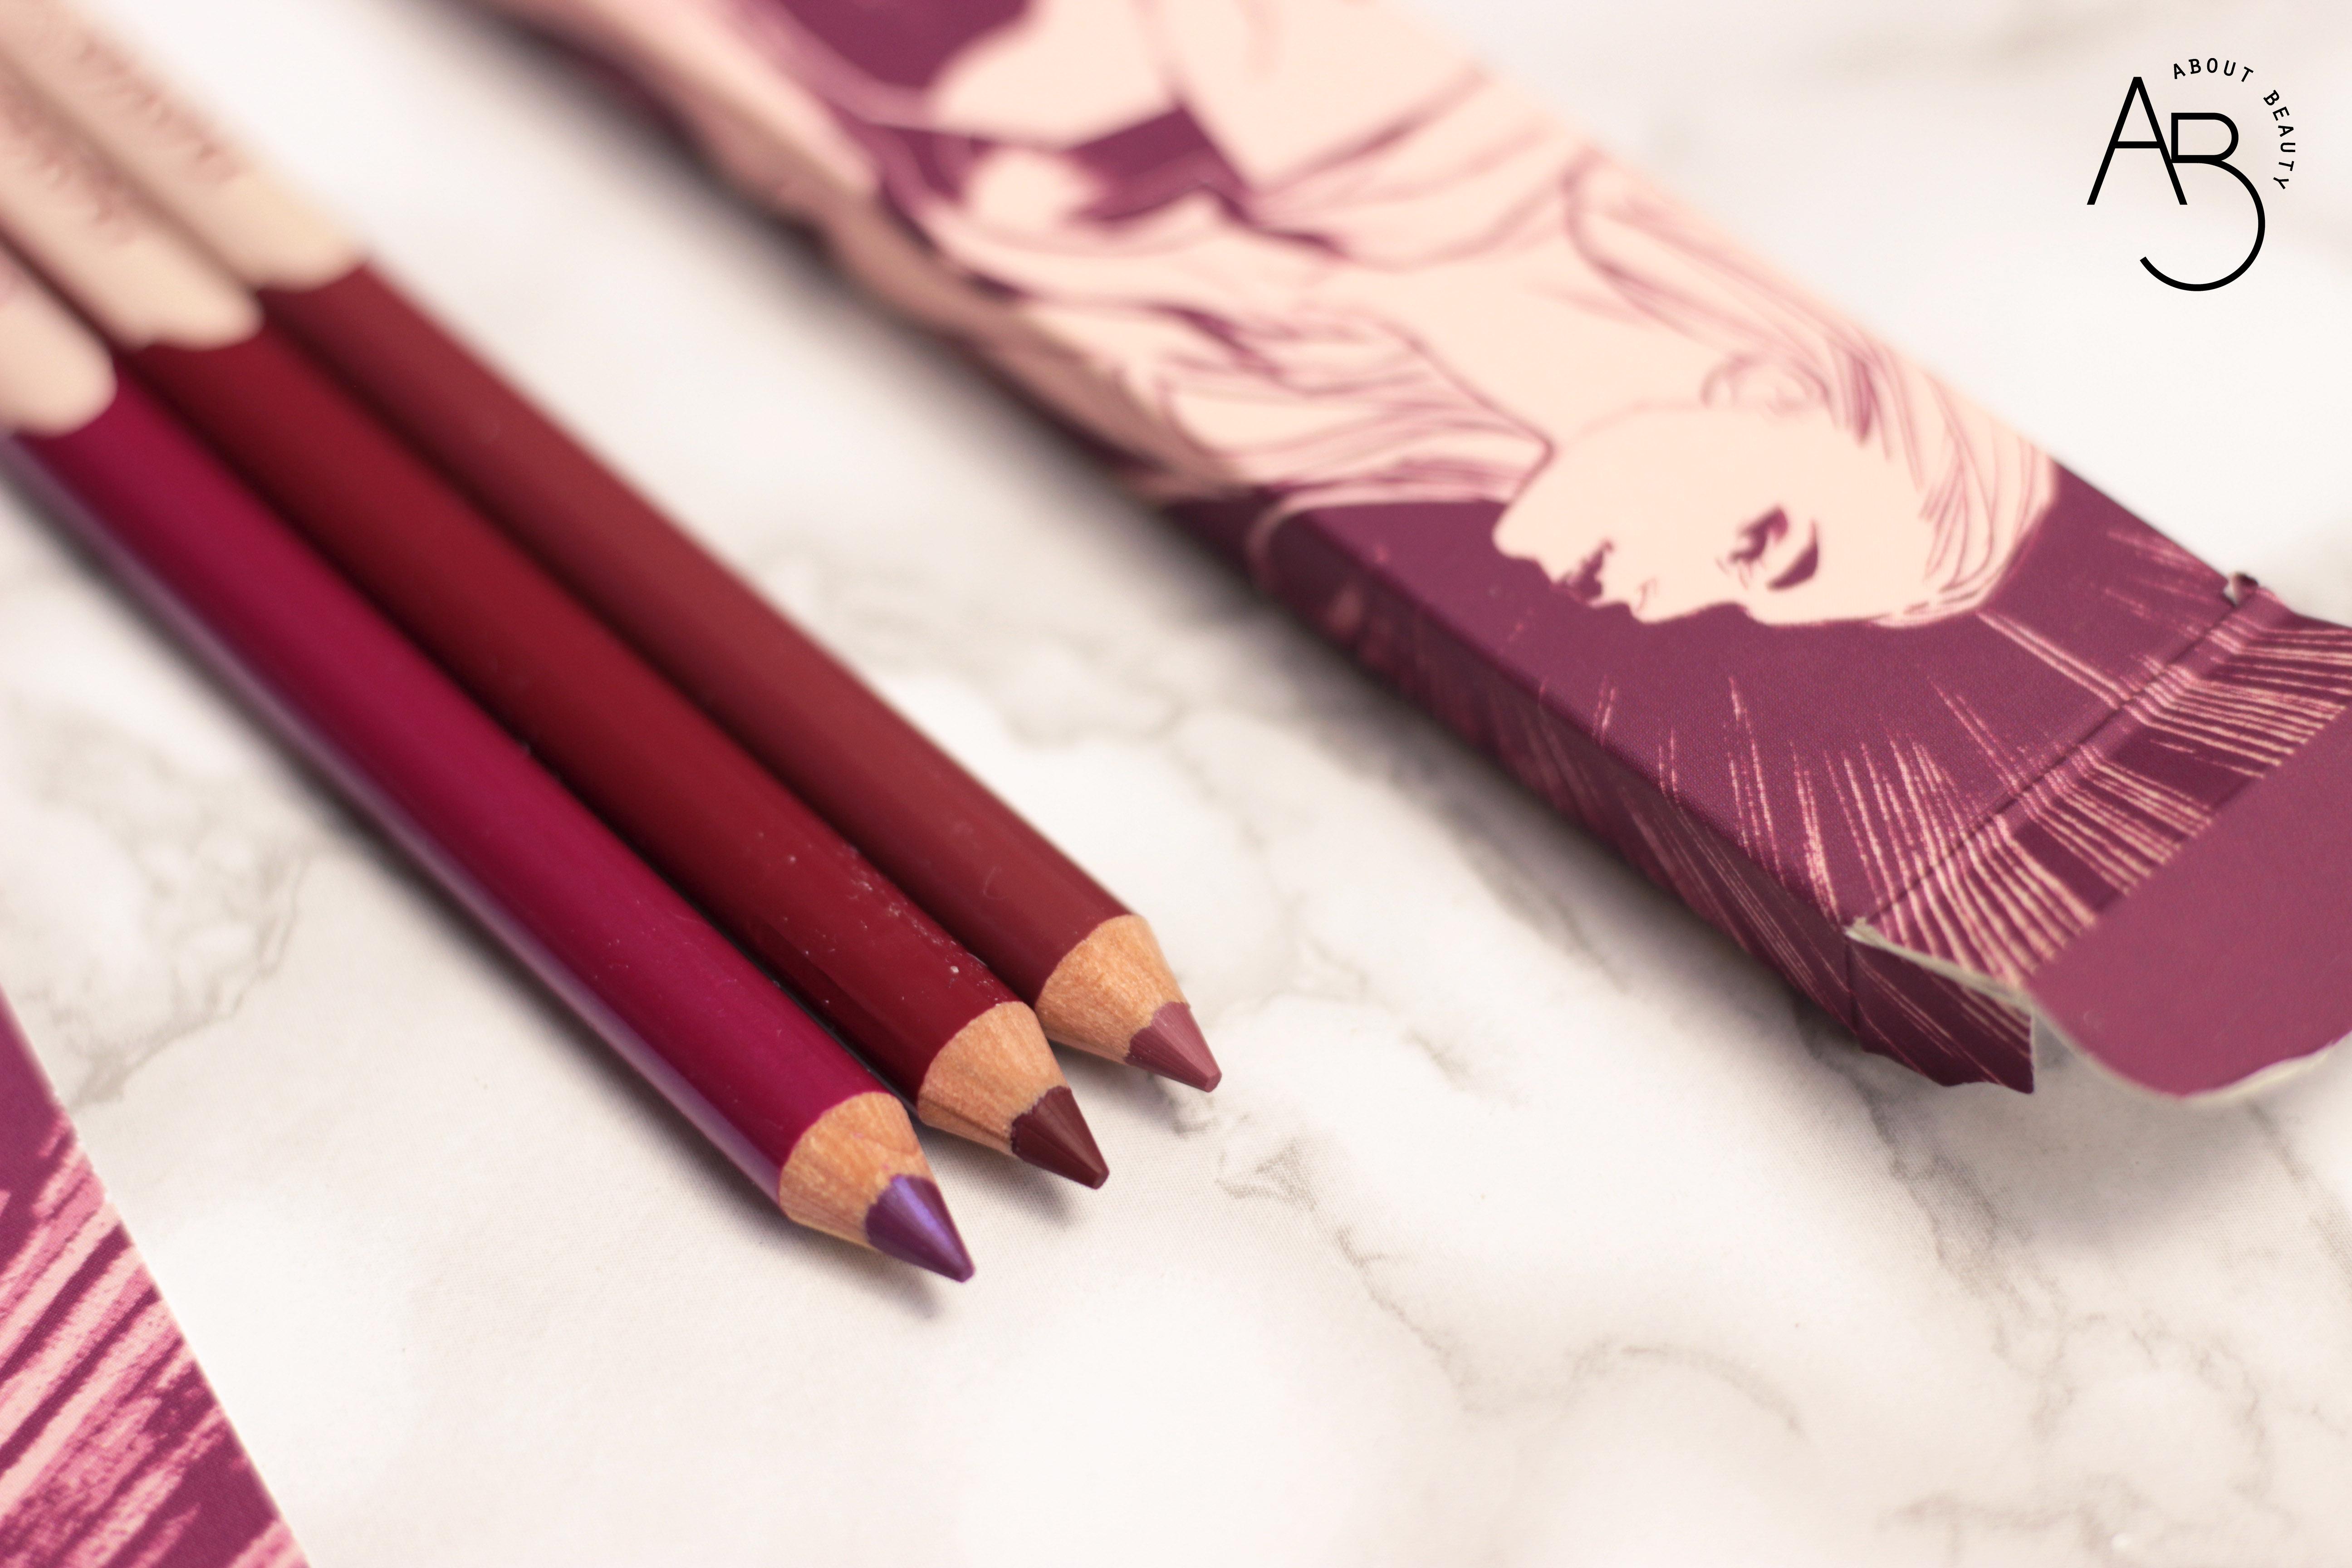 Neve Cosmetics Superheroine Collection - Matite pastello labbra lipliner - Info, review, recensione, prezzo, swatch, dove acquistare - Detail